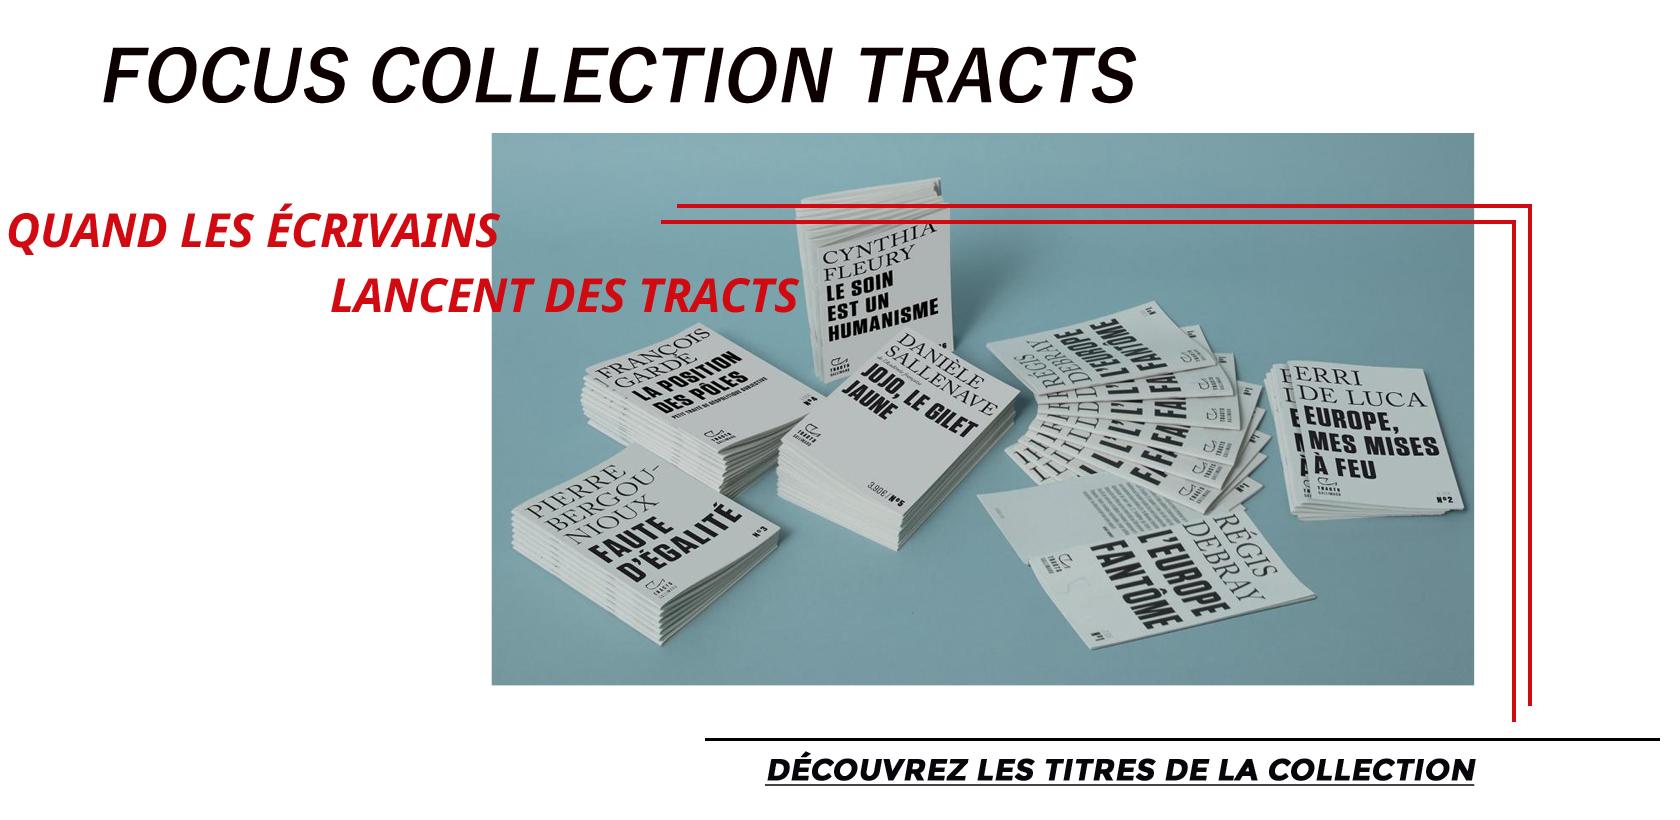 Découvrez la Collection Tracts des éditions Gallimard